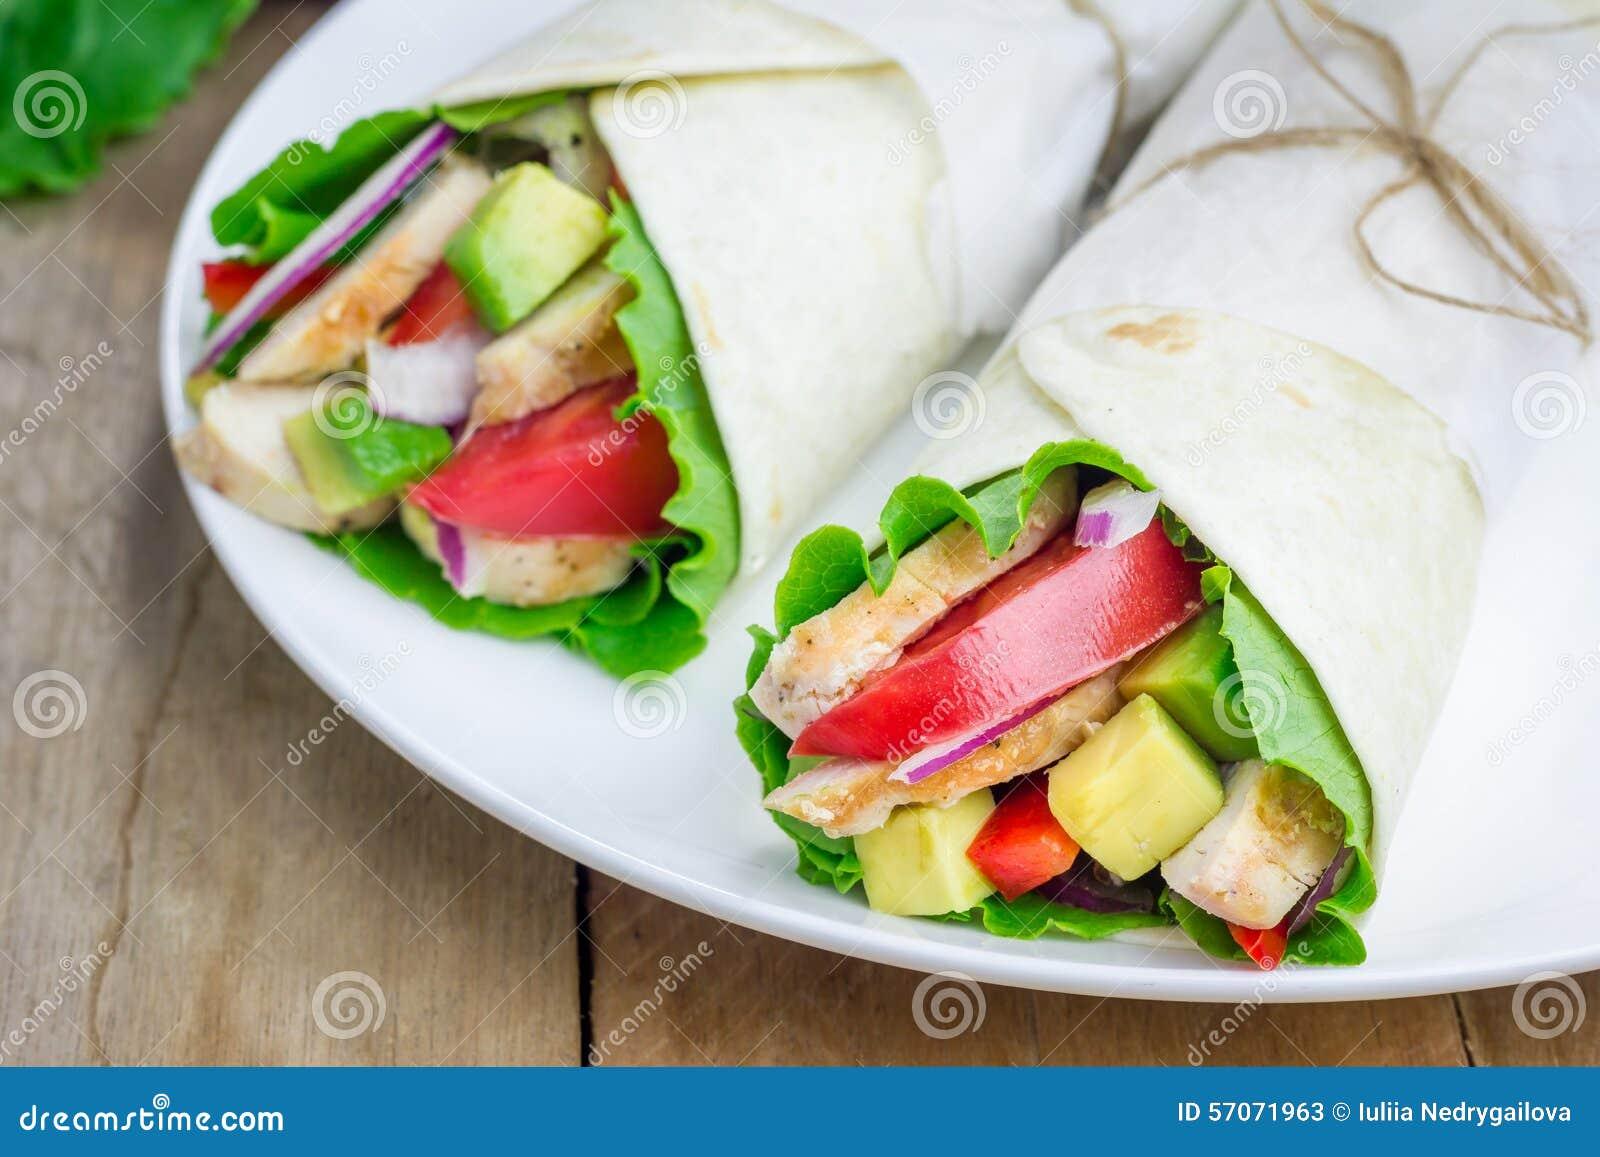 Tortillaomslagen met kippenfilet, avocado, tomaat, ui en puprika